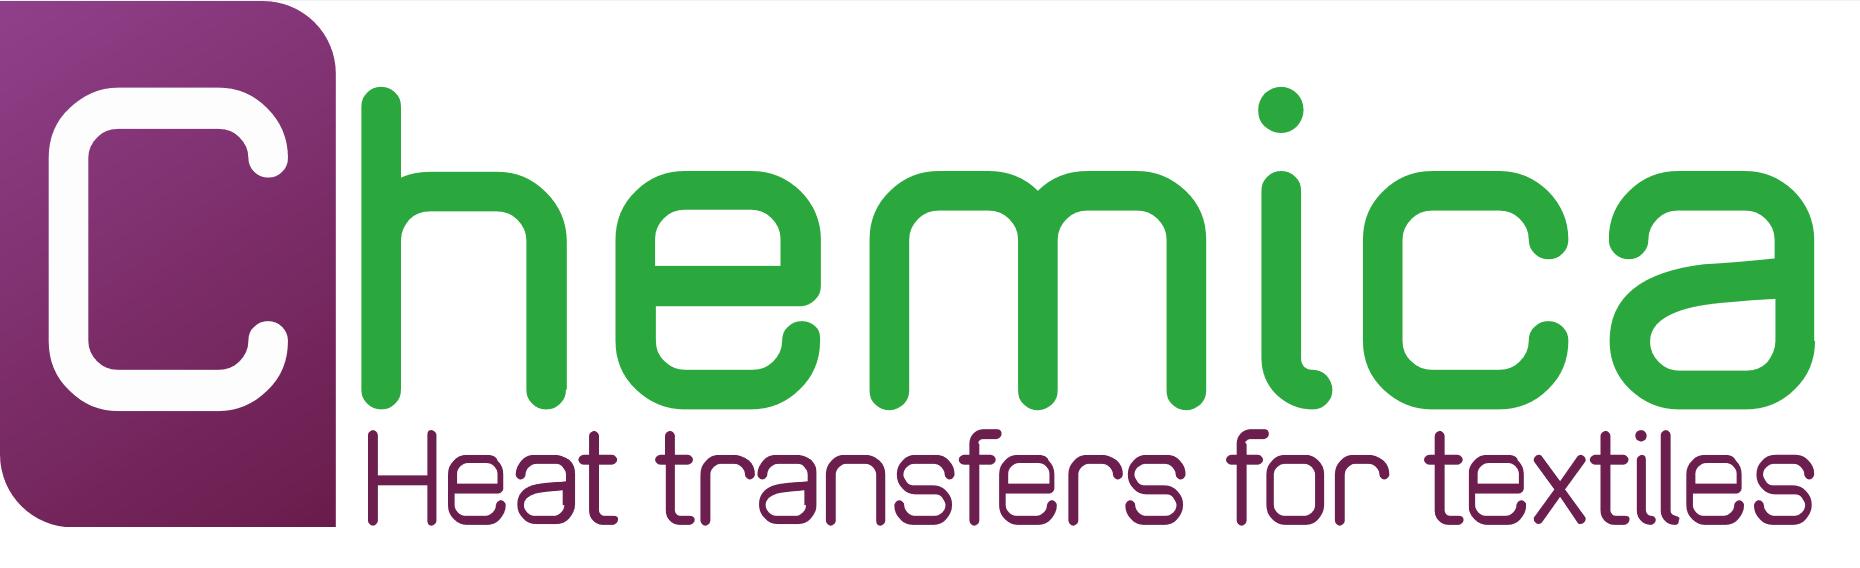 logo_chemica